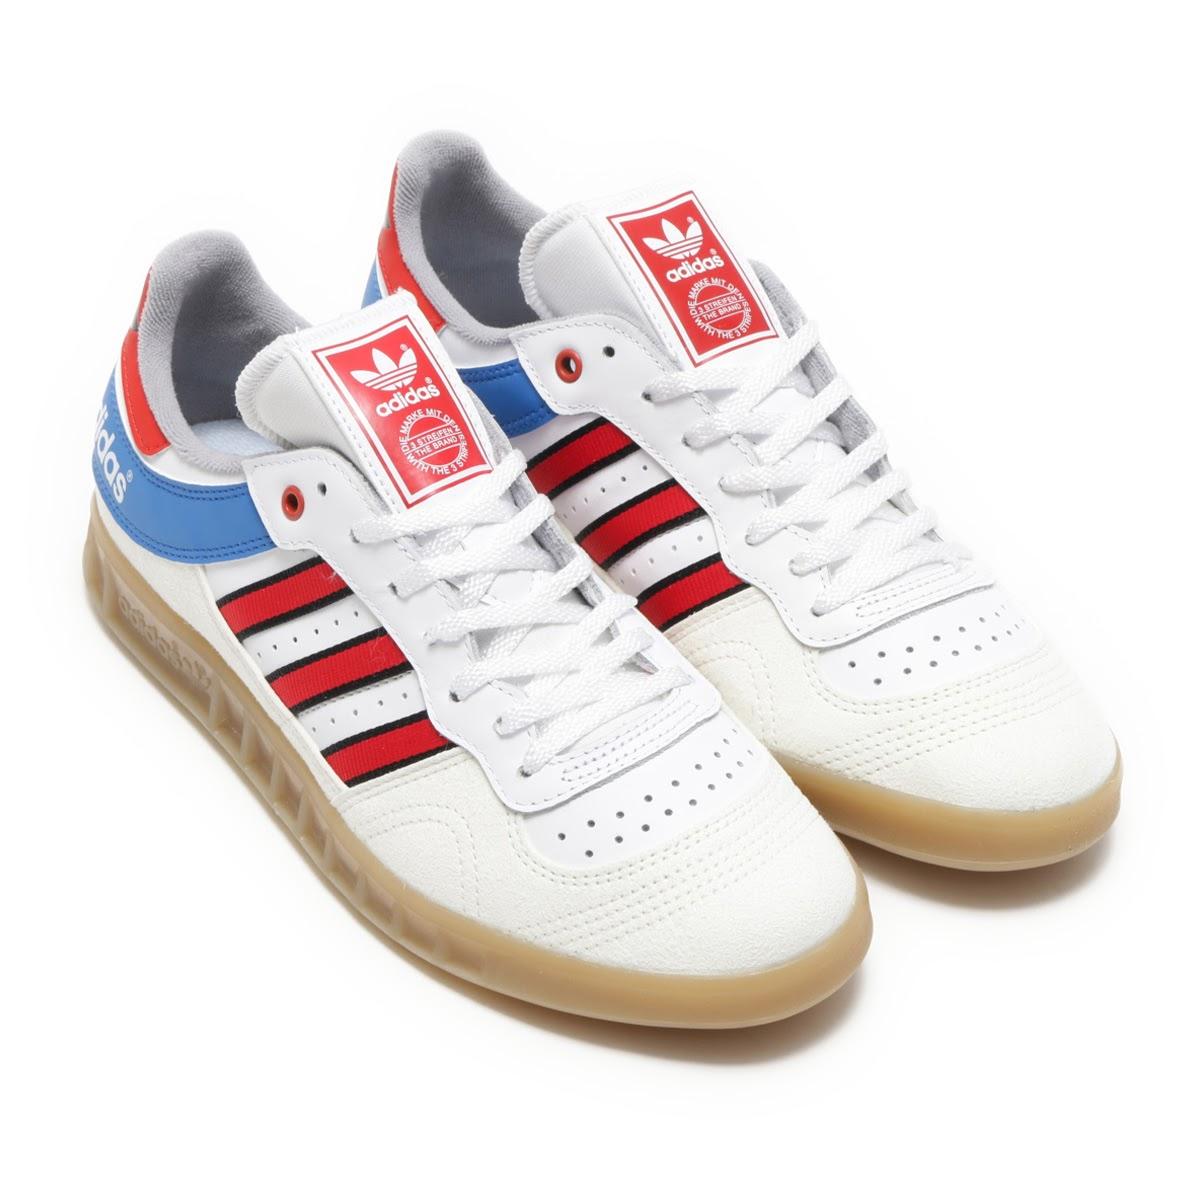 atmos Rose: adidas Originals HANDBALL TOP the Adidas originals originals originals 6000ed